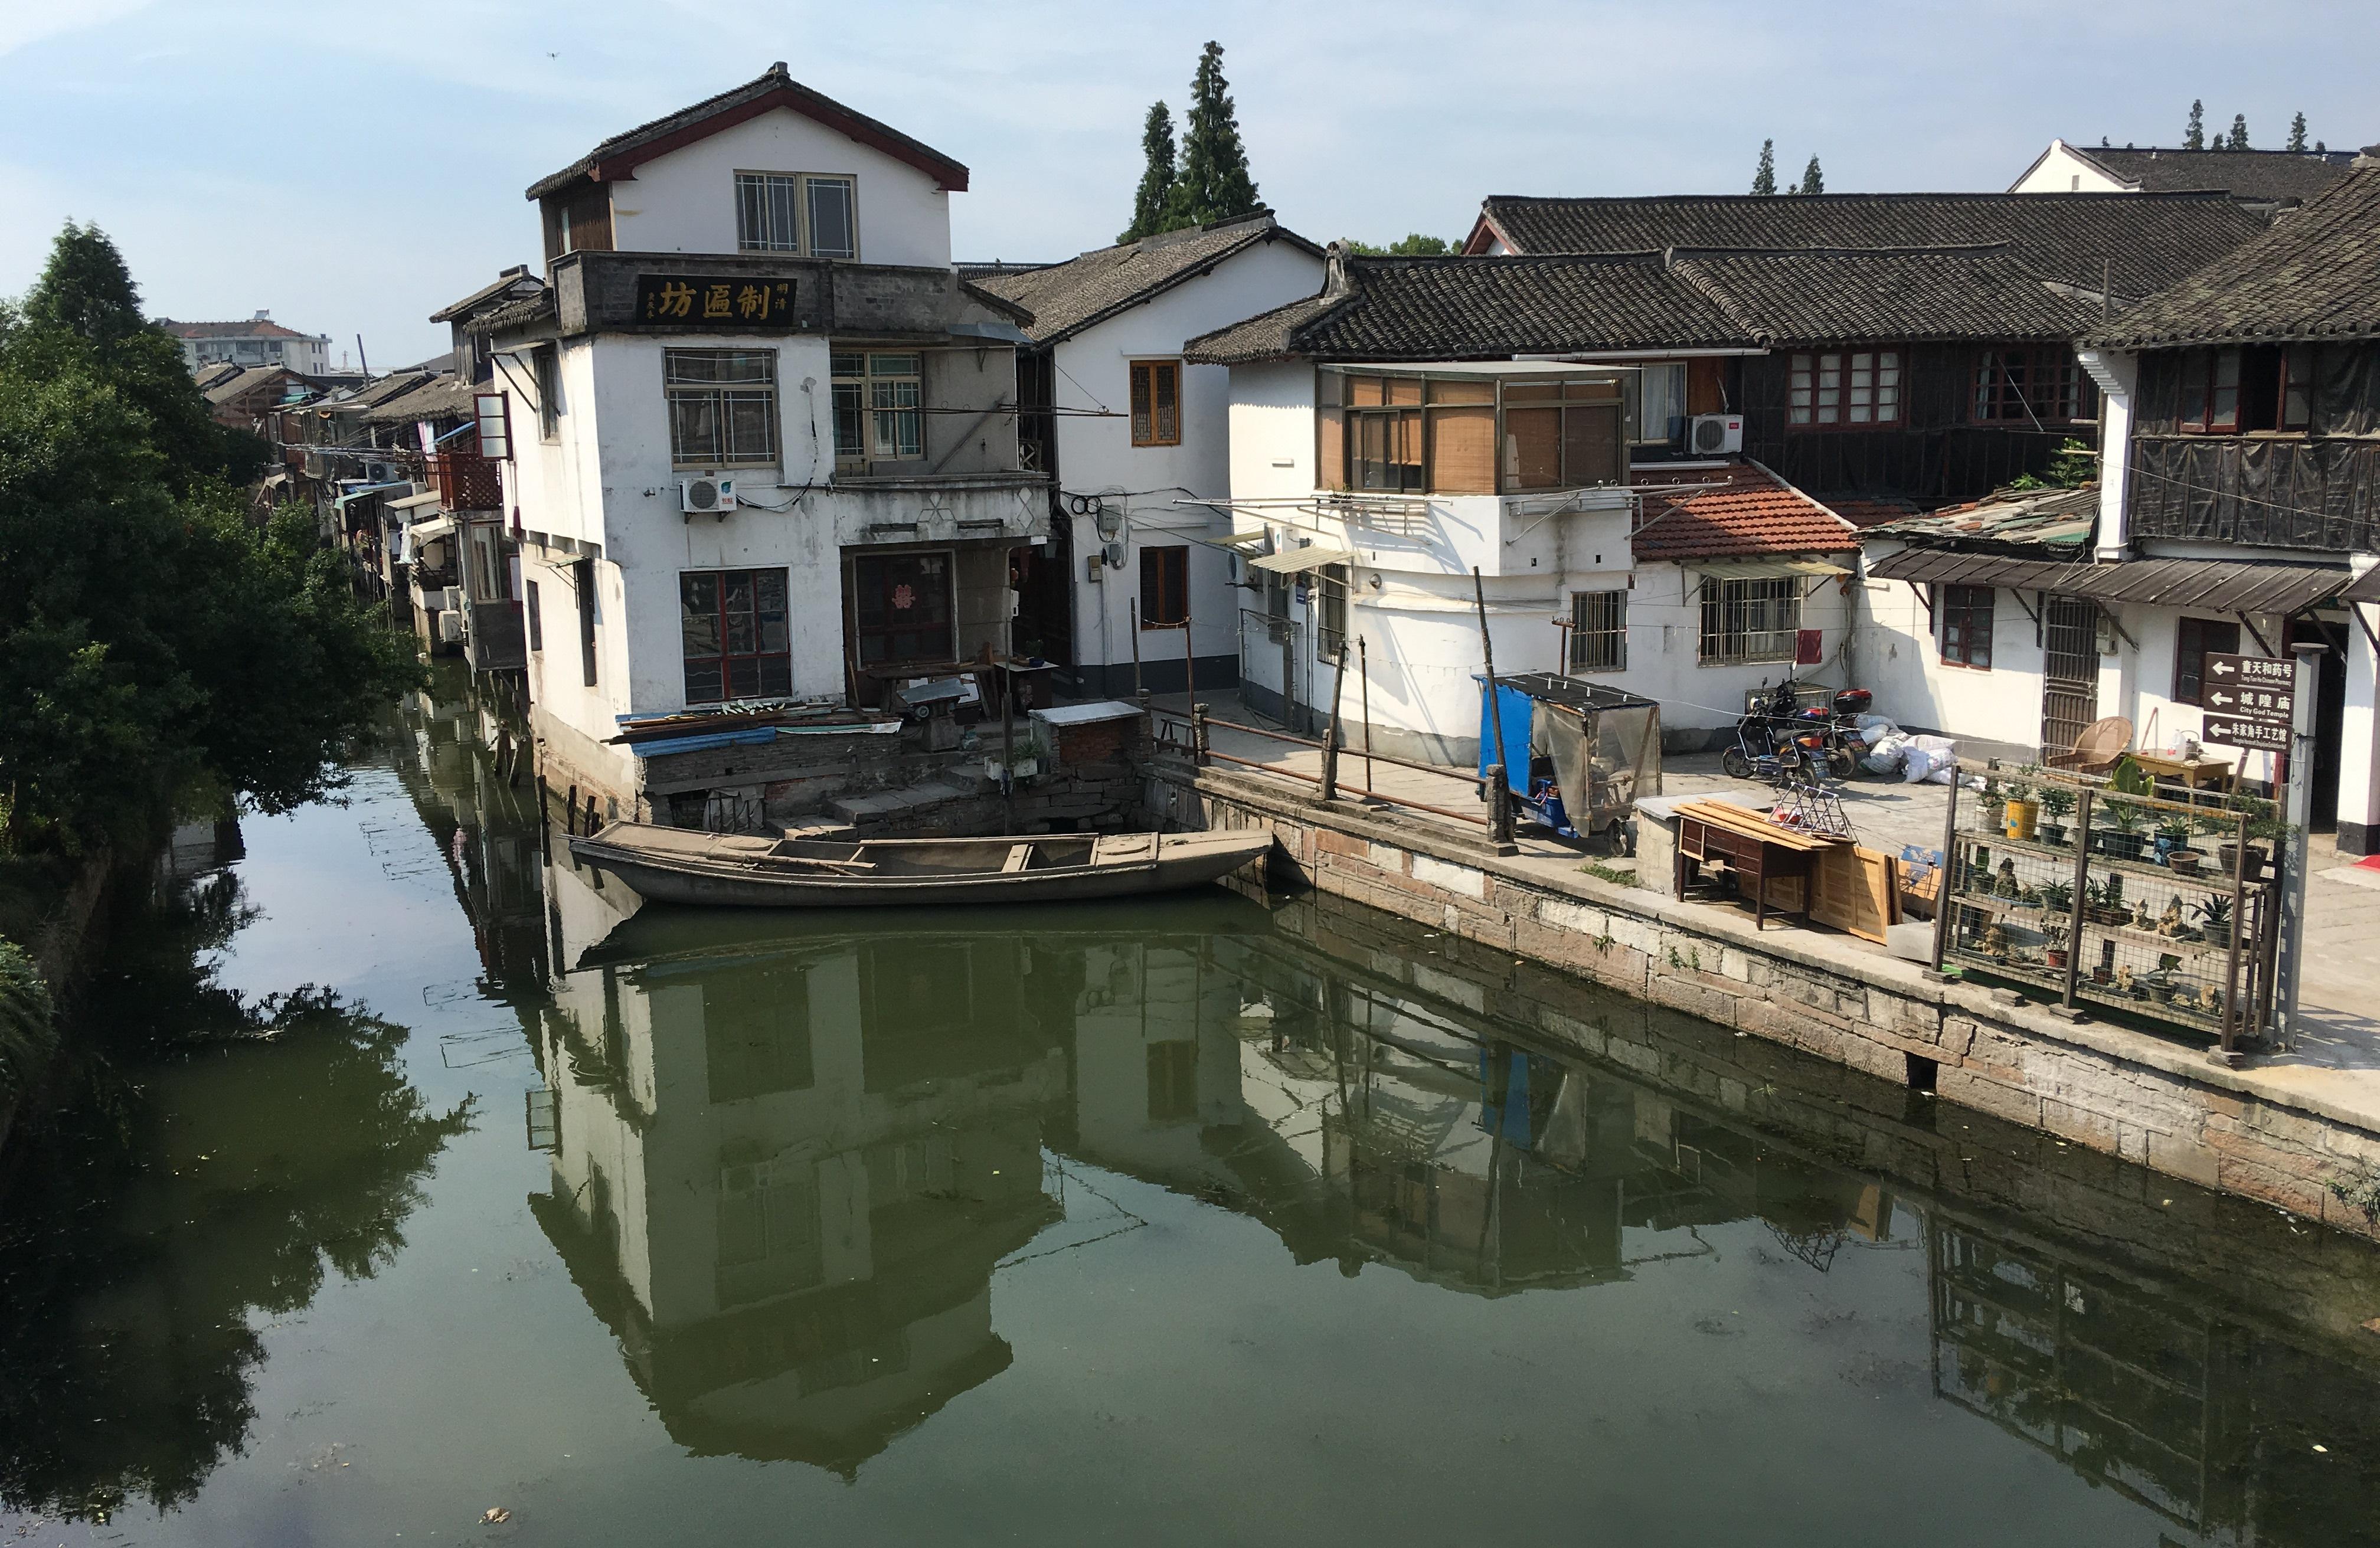 Shanghai Qingpu - Zhujiajiao IMG 8133.jpg